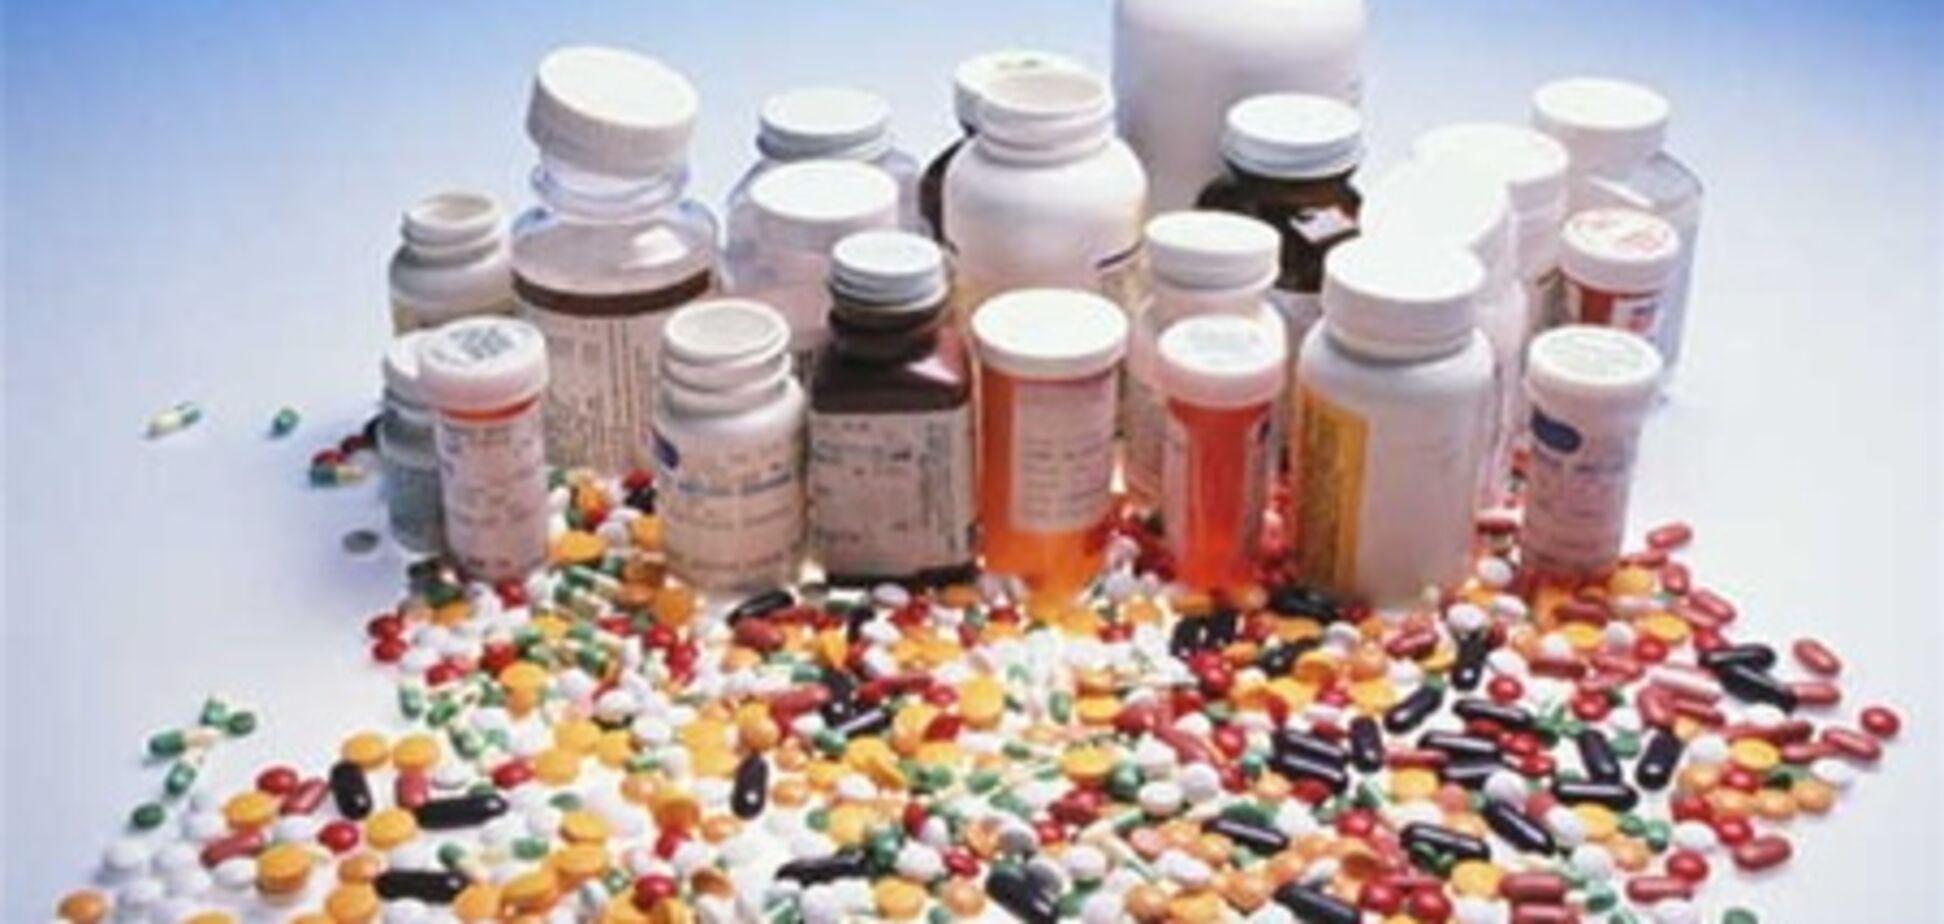 В украинские аптеки завезли поддельный антигриппозный препарат